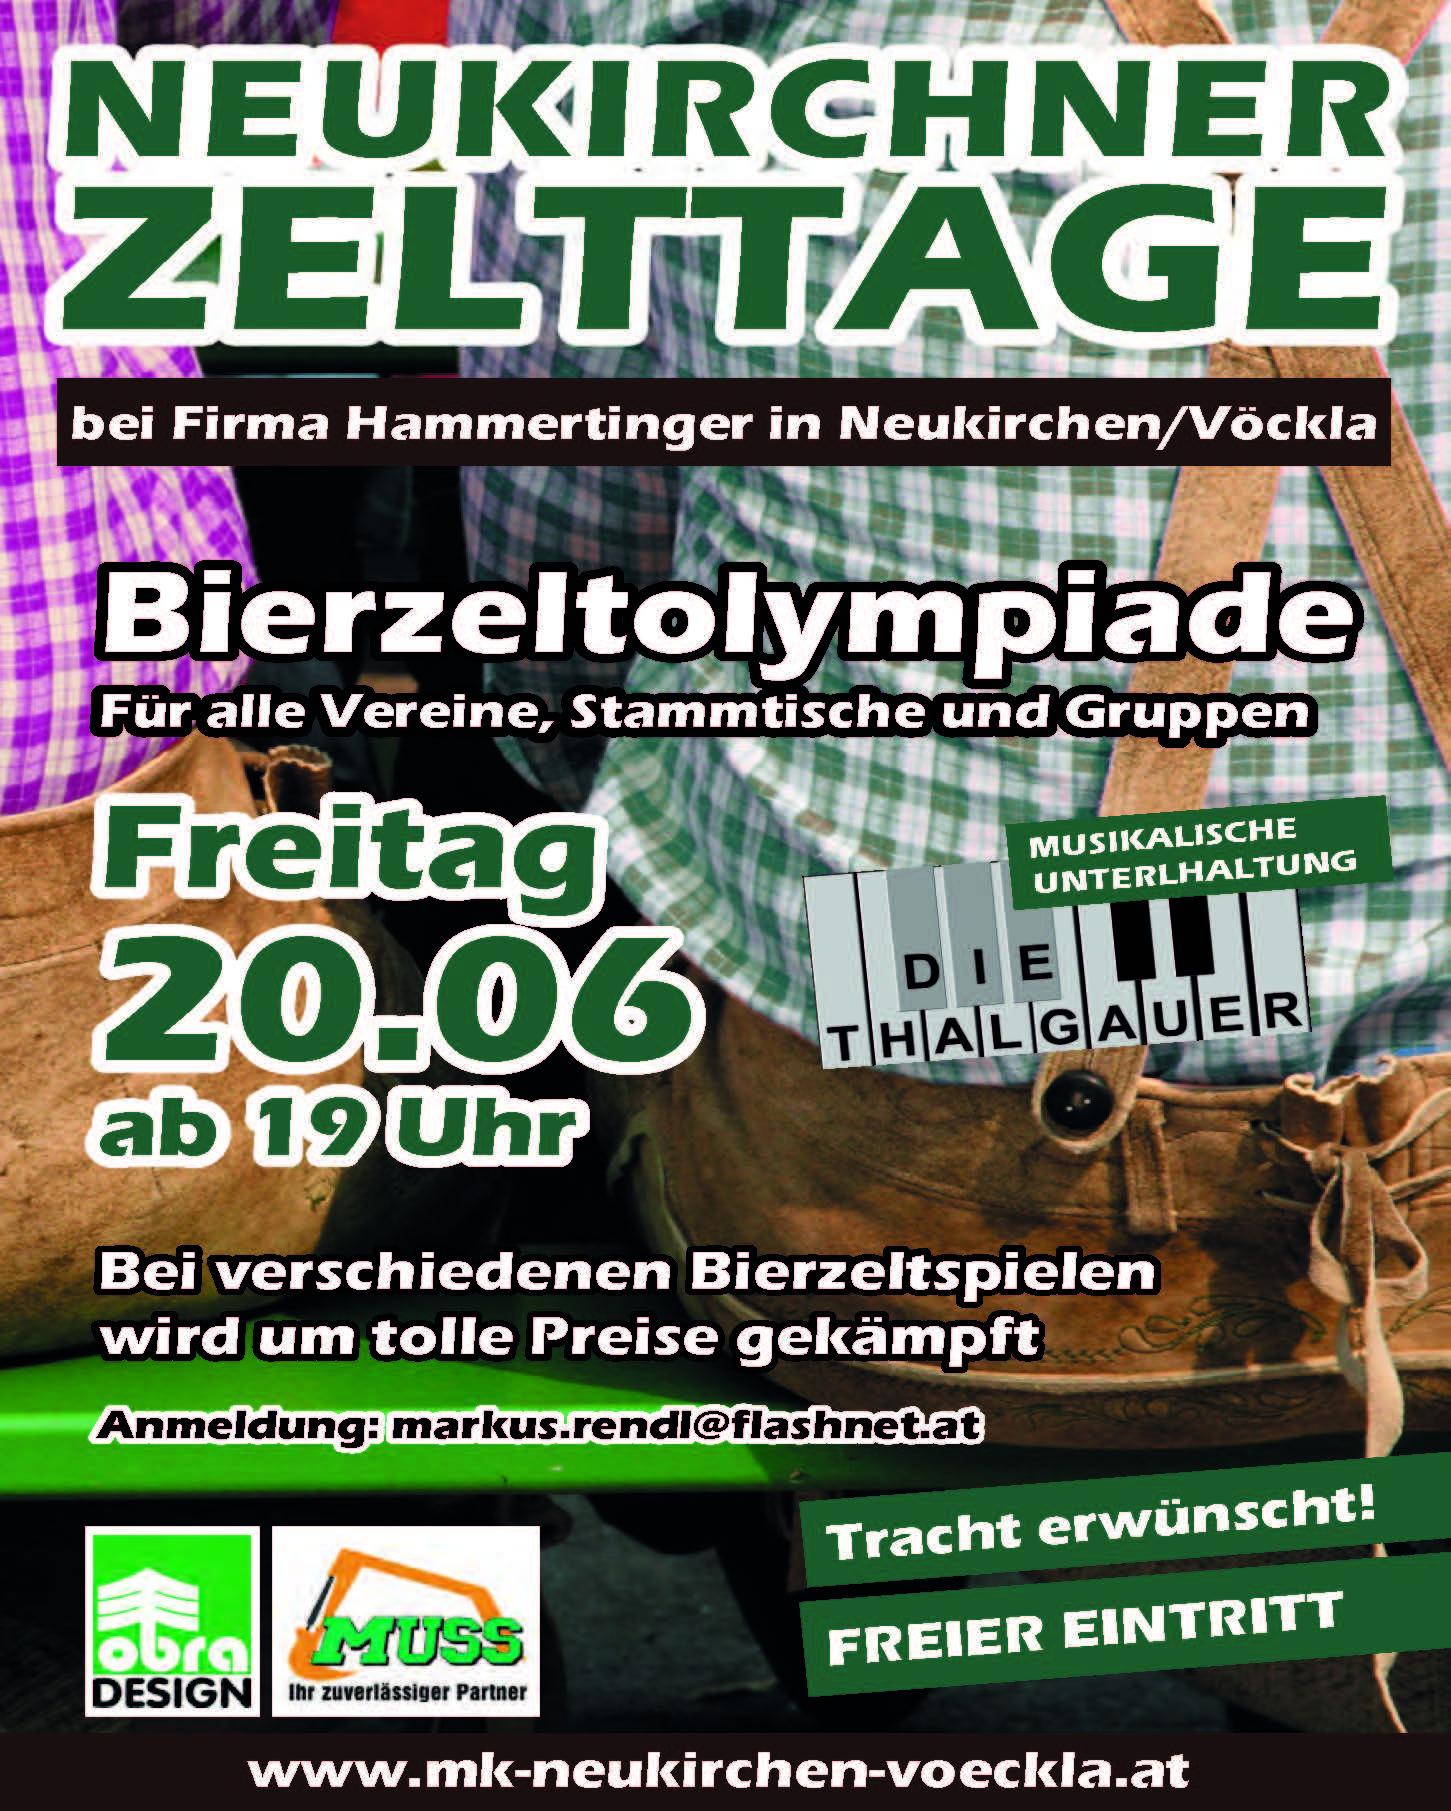 neukirchner_zelttage_flyer_bierzeltolympiade